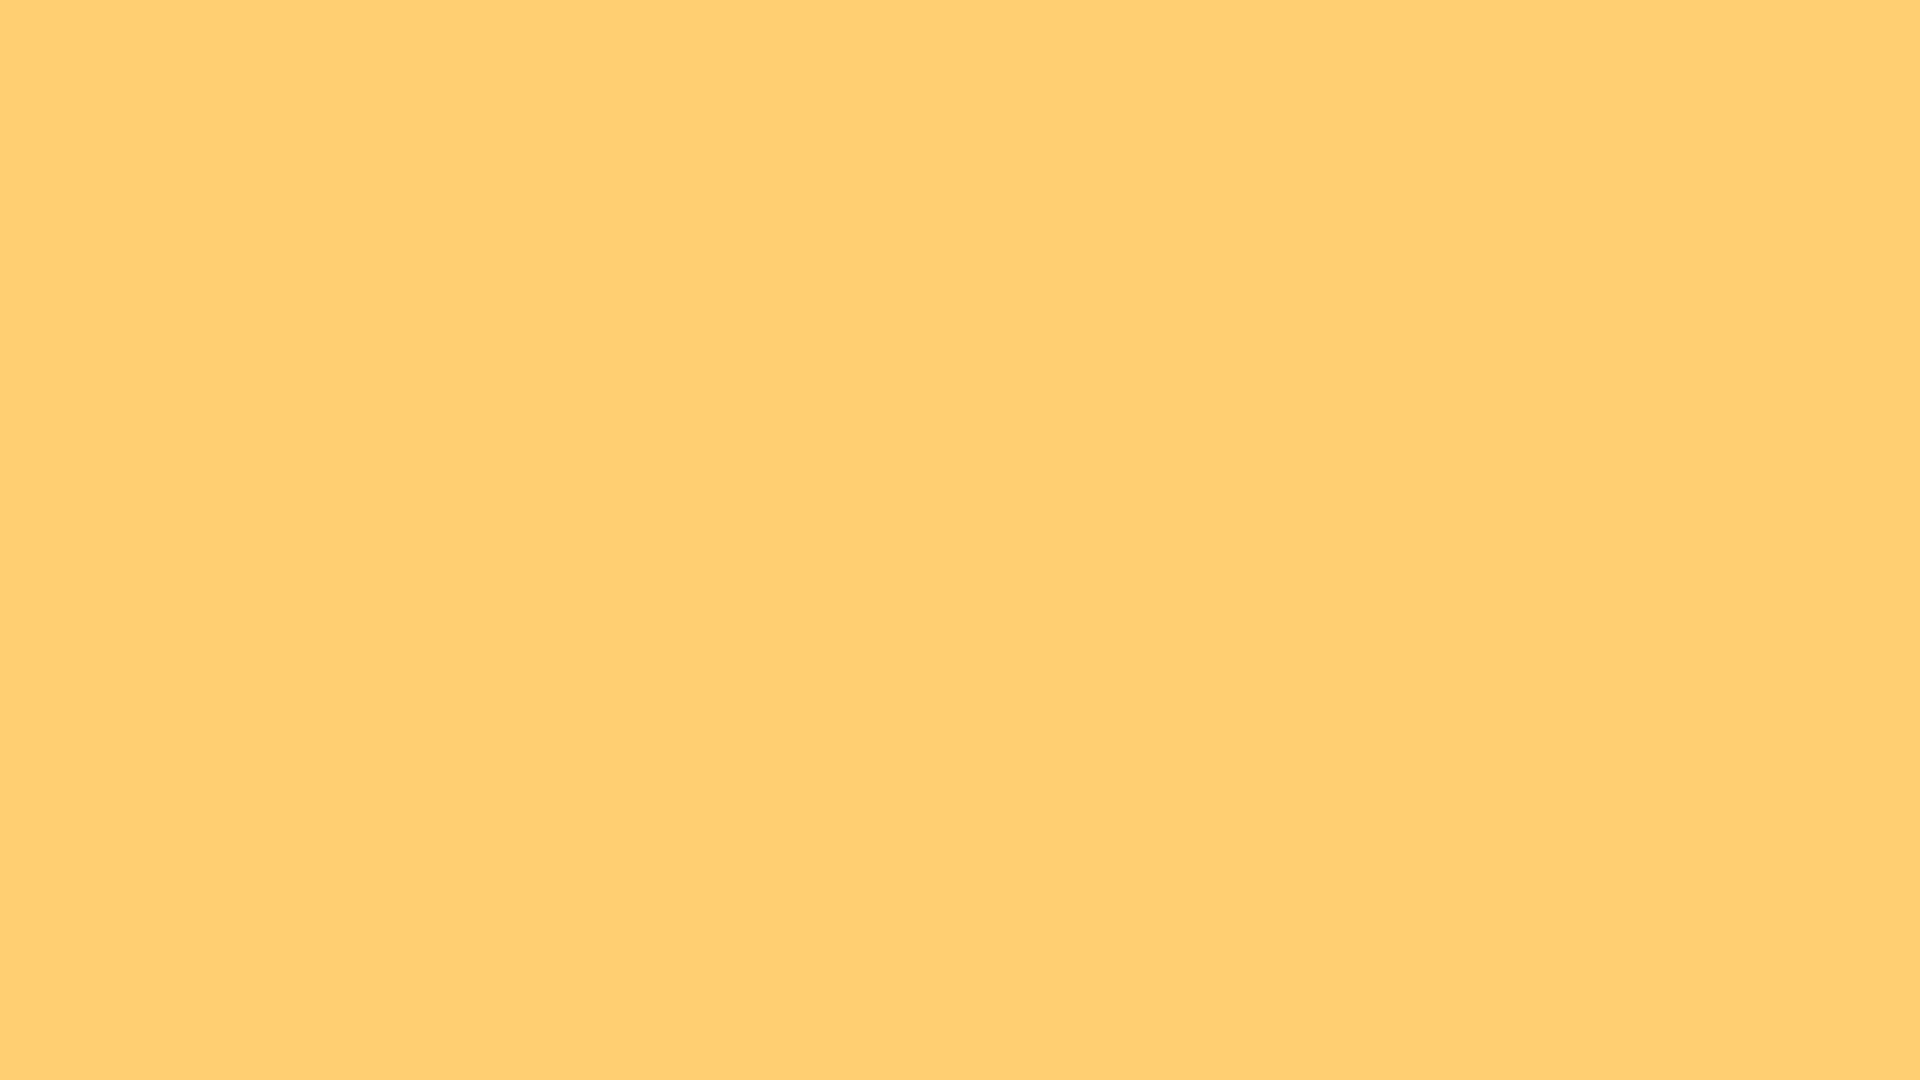 Hình nền màu vàng đất